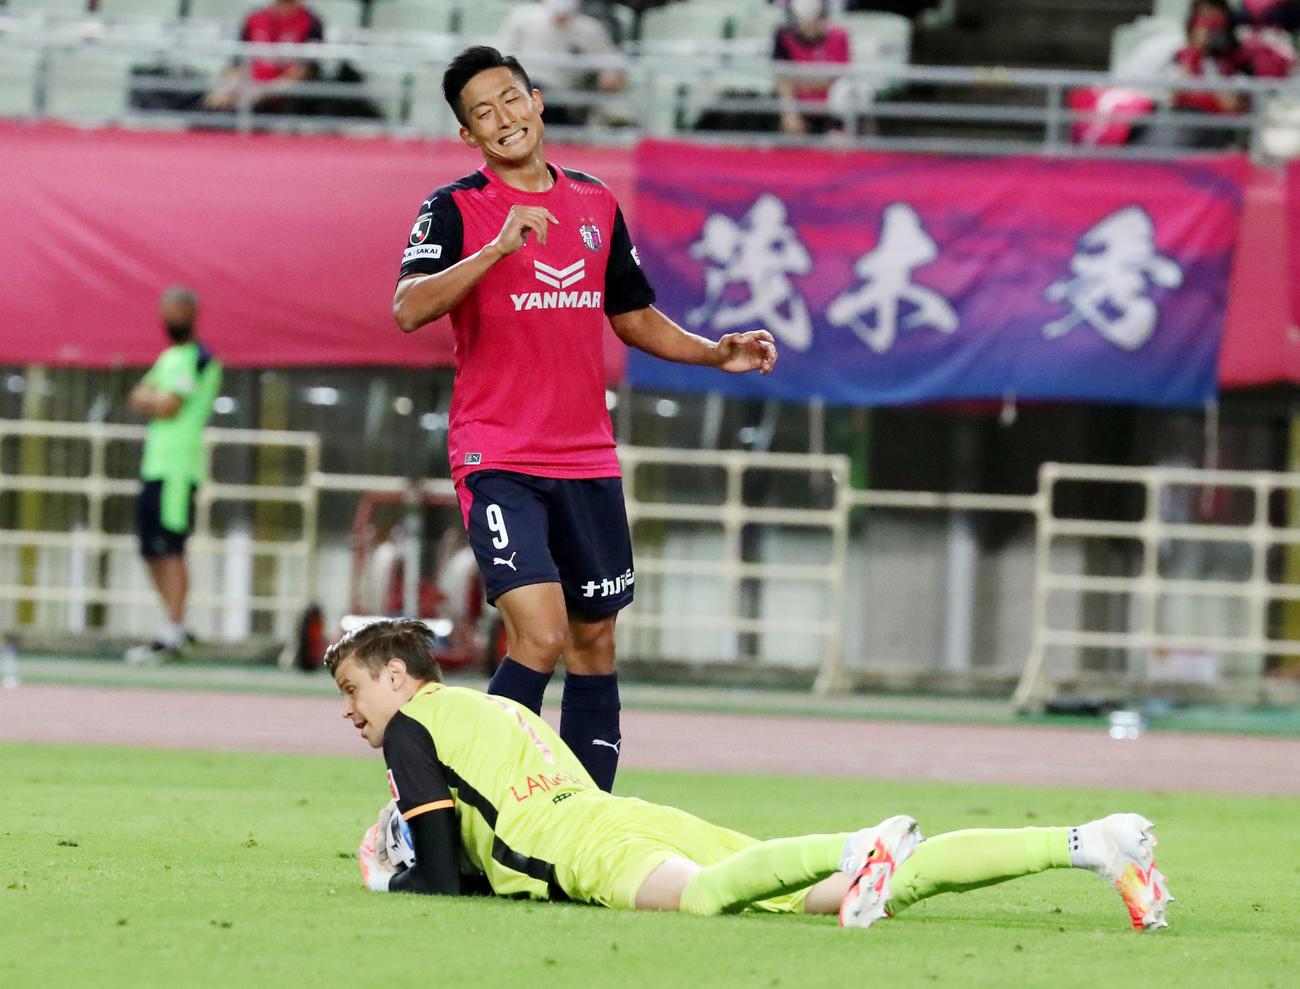 C大阪対名古屋 後半、C大阪FW都倉はゴール前で名古屋GKランゲラックにセーブされ攻めきれず(撮影・加藤哉)